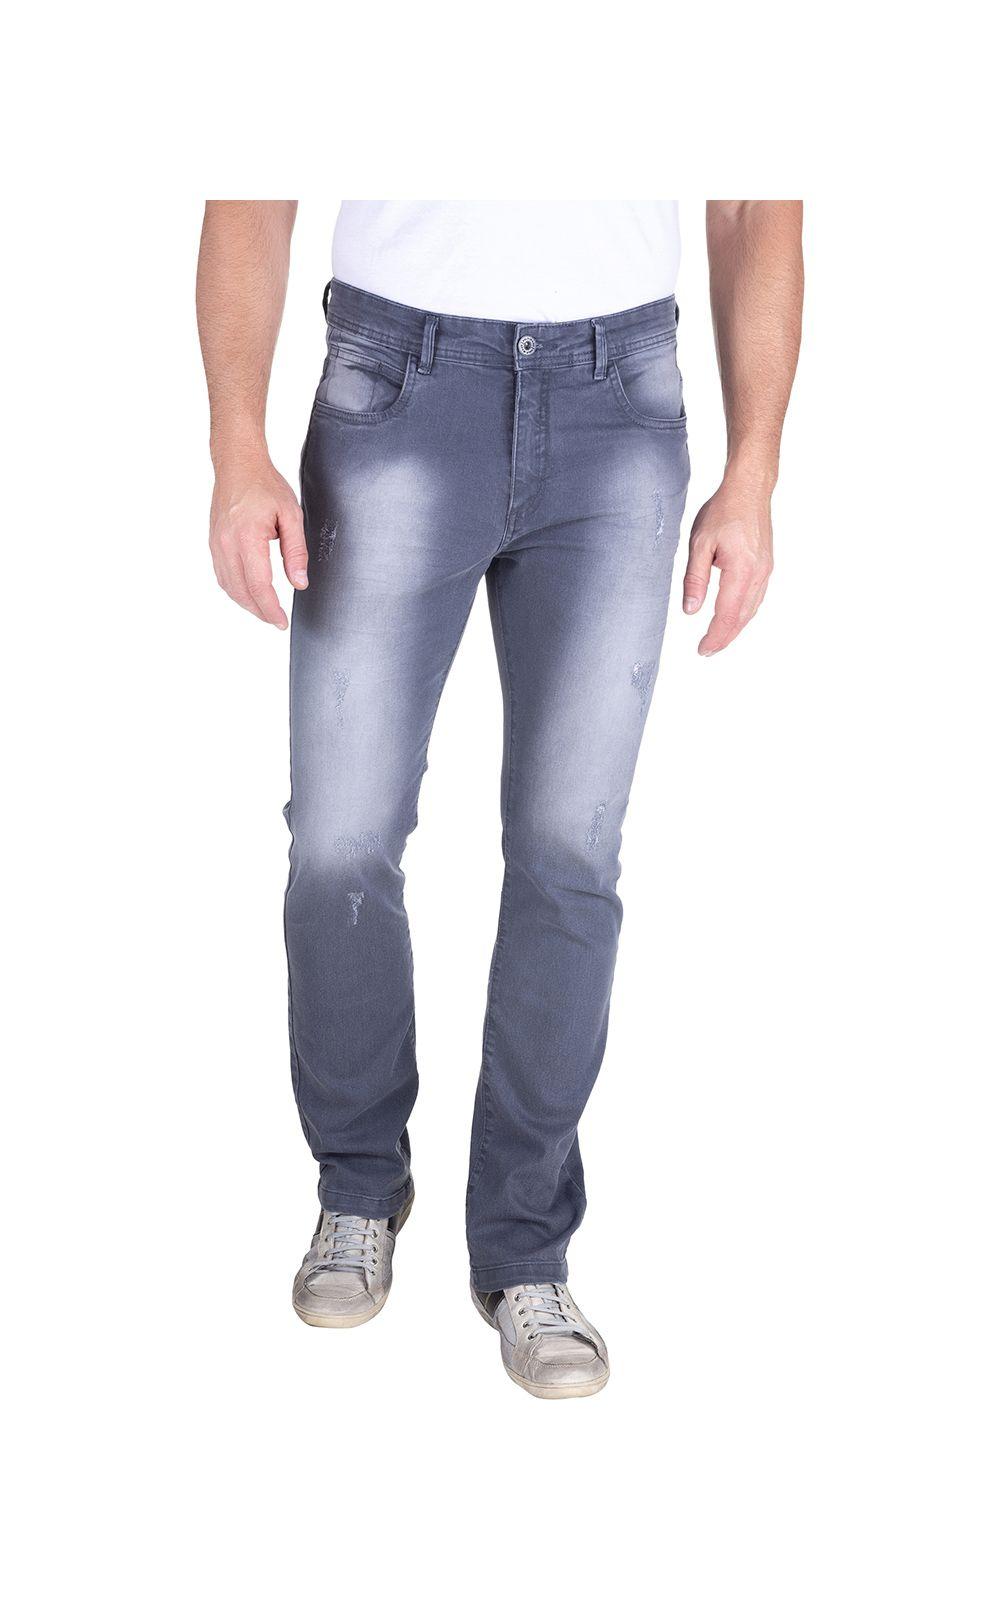 Foto 1 - Calça Jeans Masculina Cinza Lisa